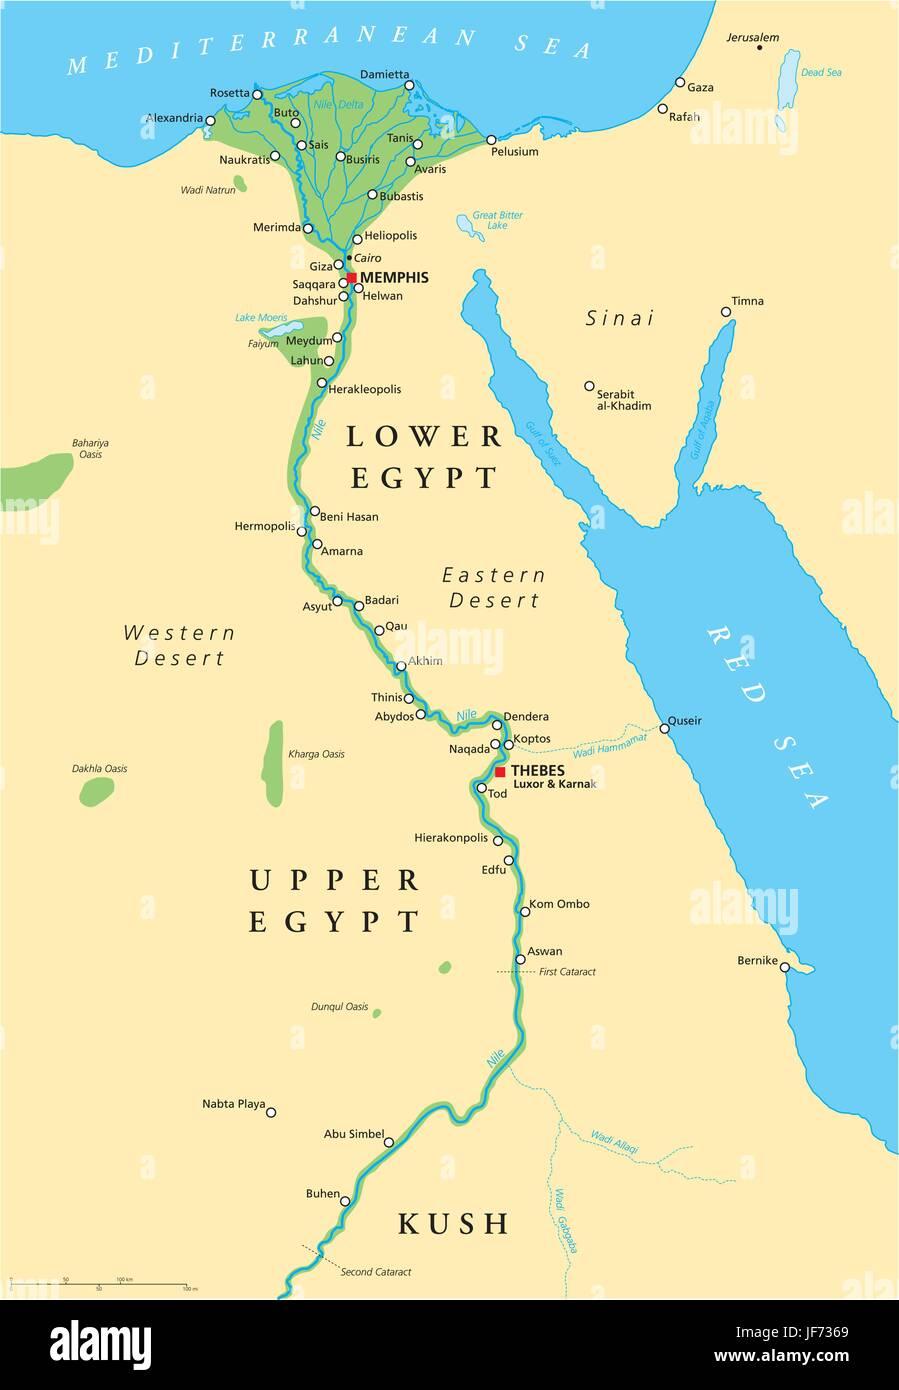 Cartina Egitto In Italiano.Storico Africa Egitto Antico Mappa Atlas Mappa Del Mondo Nilo Immagine E Vettoriale Alamy